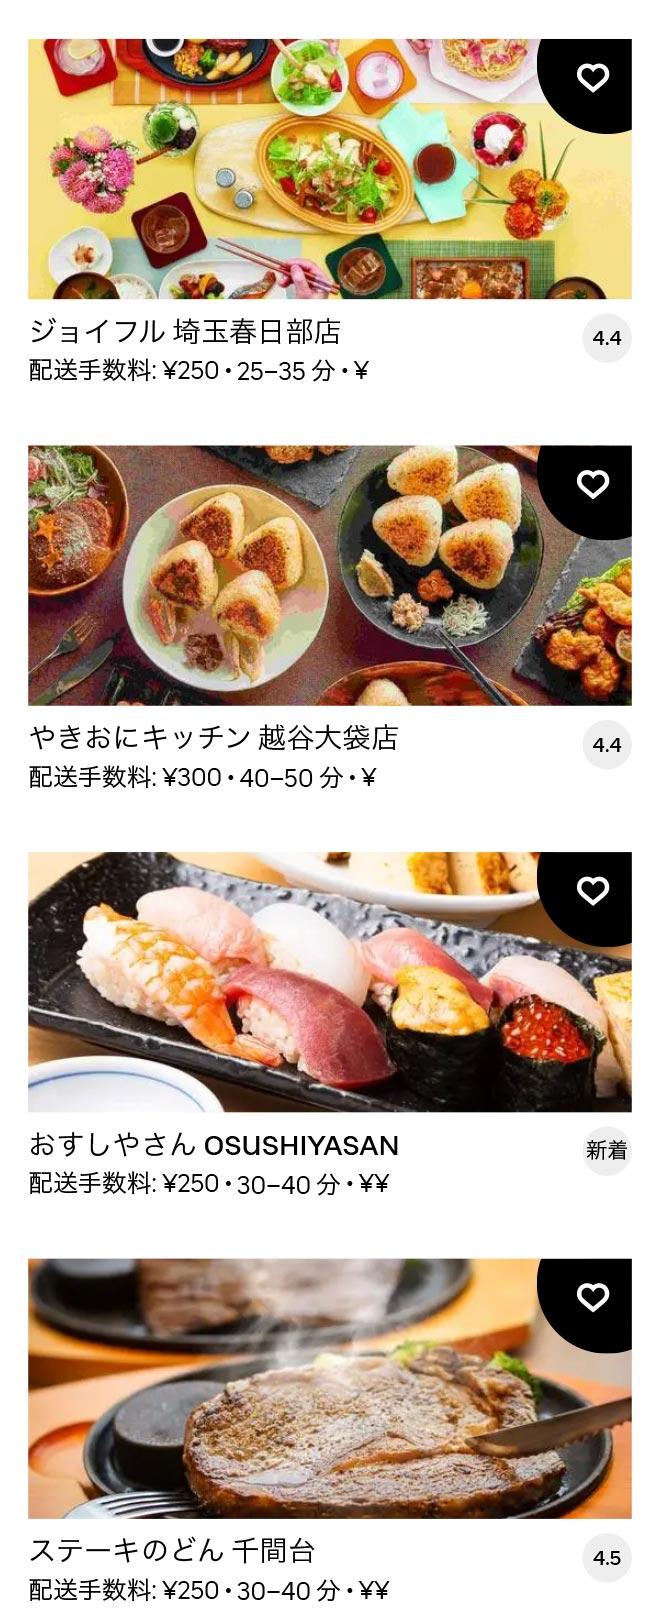 Takesato menu 2101 06